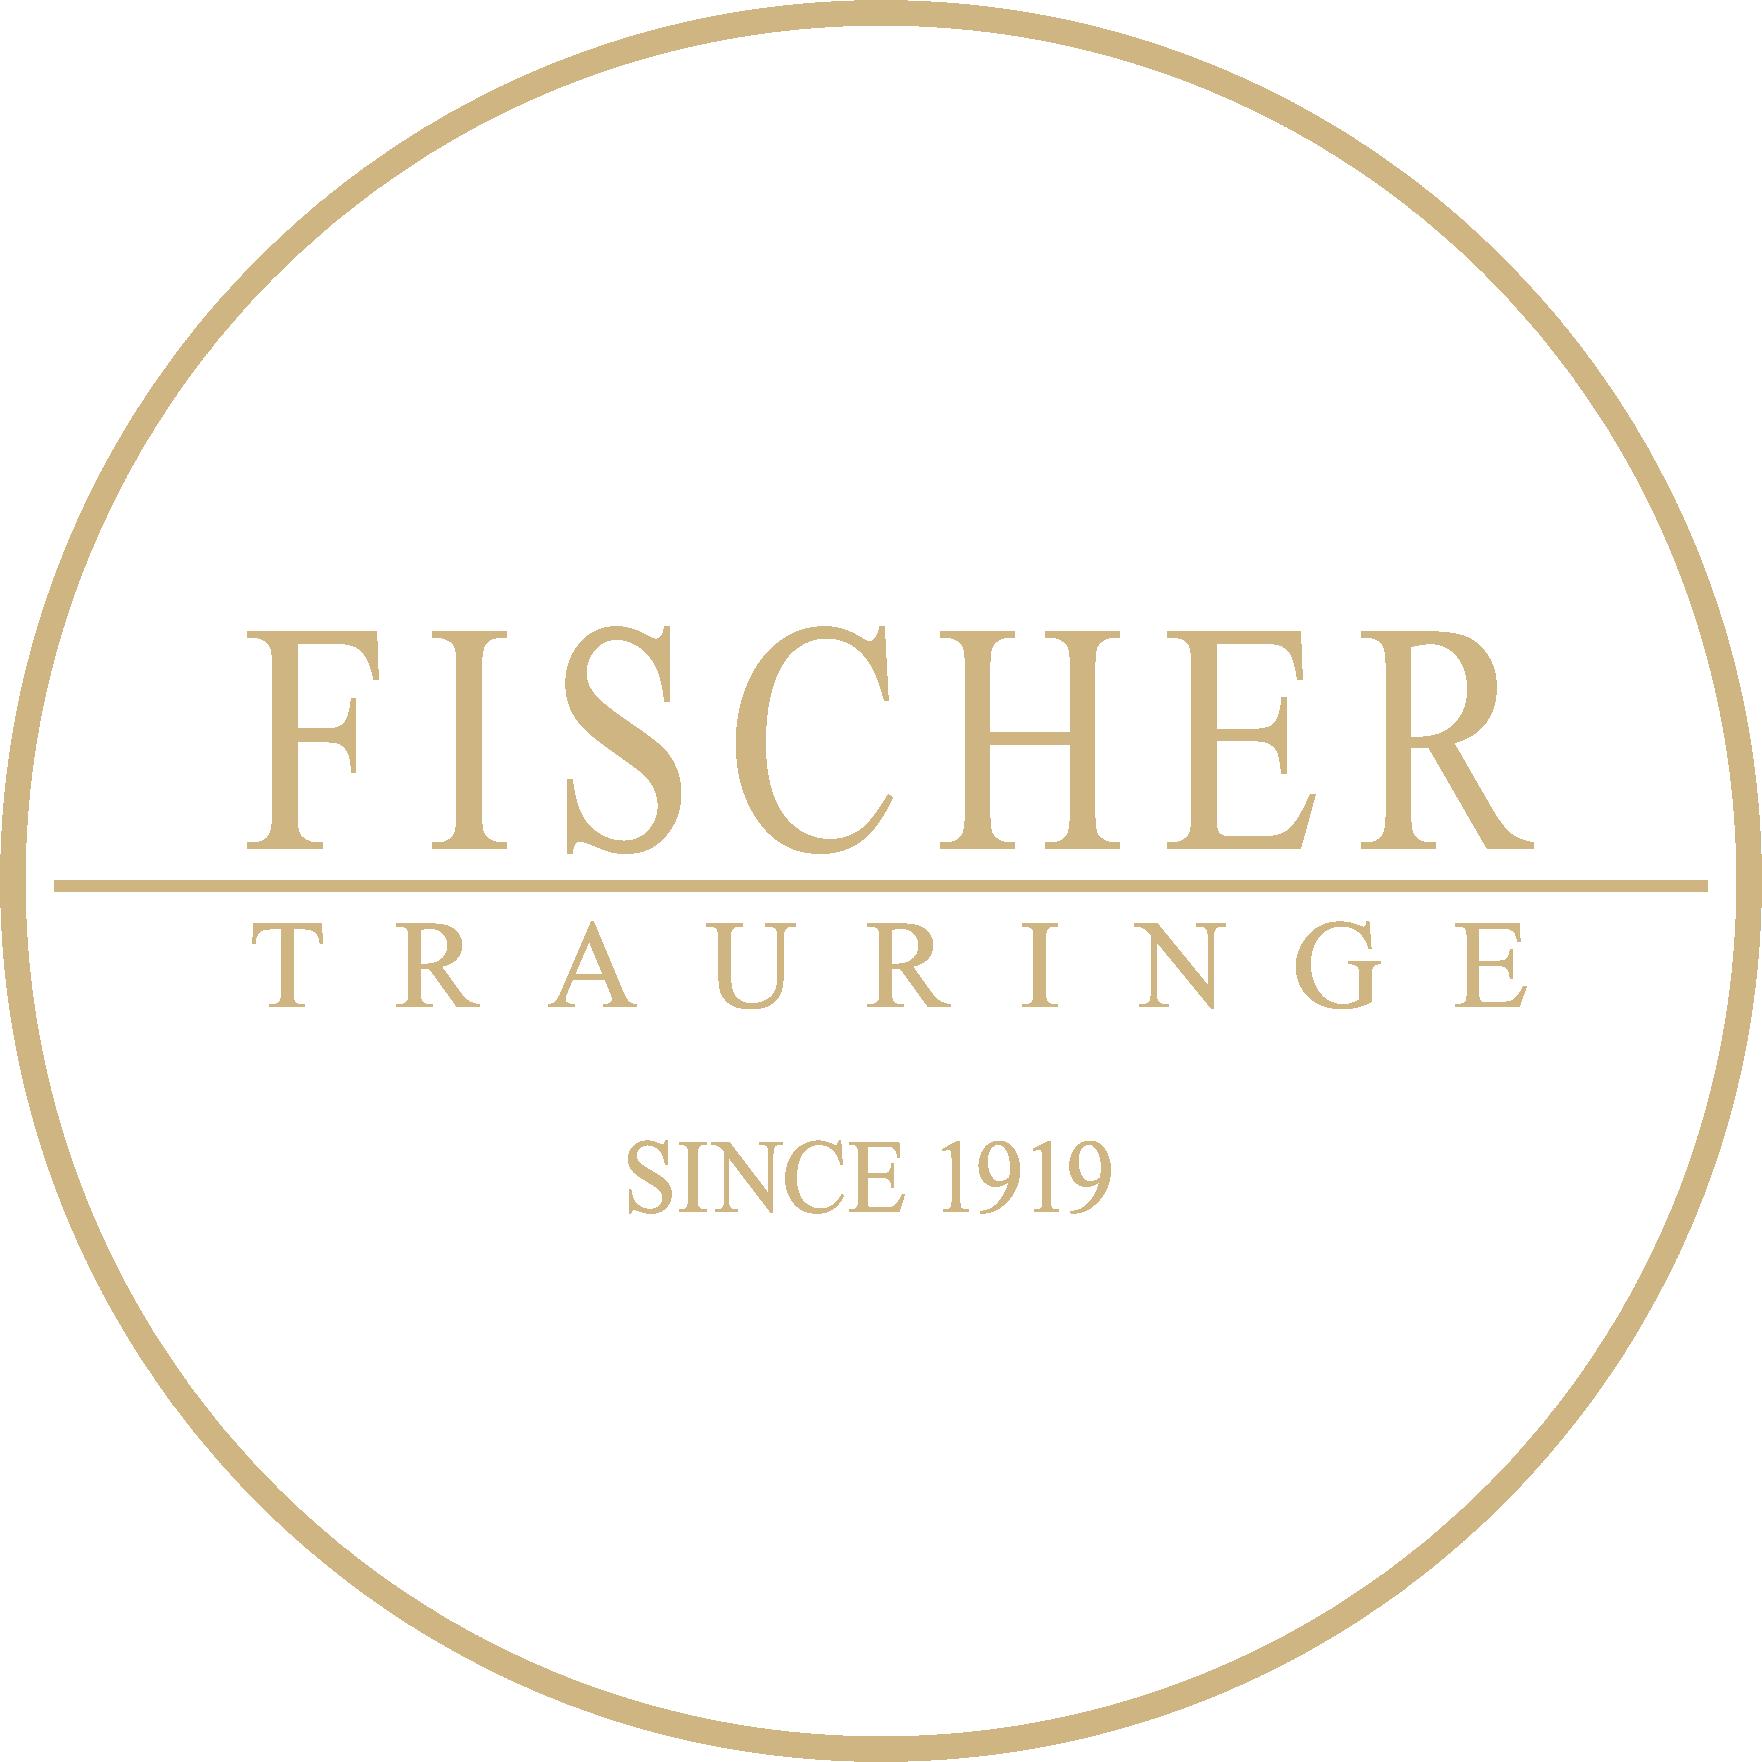 Konfiguration Fischer Trauringe